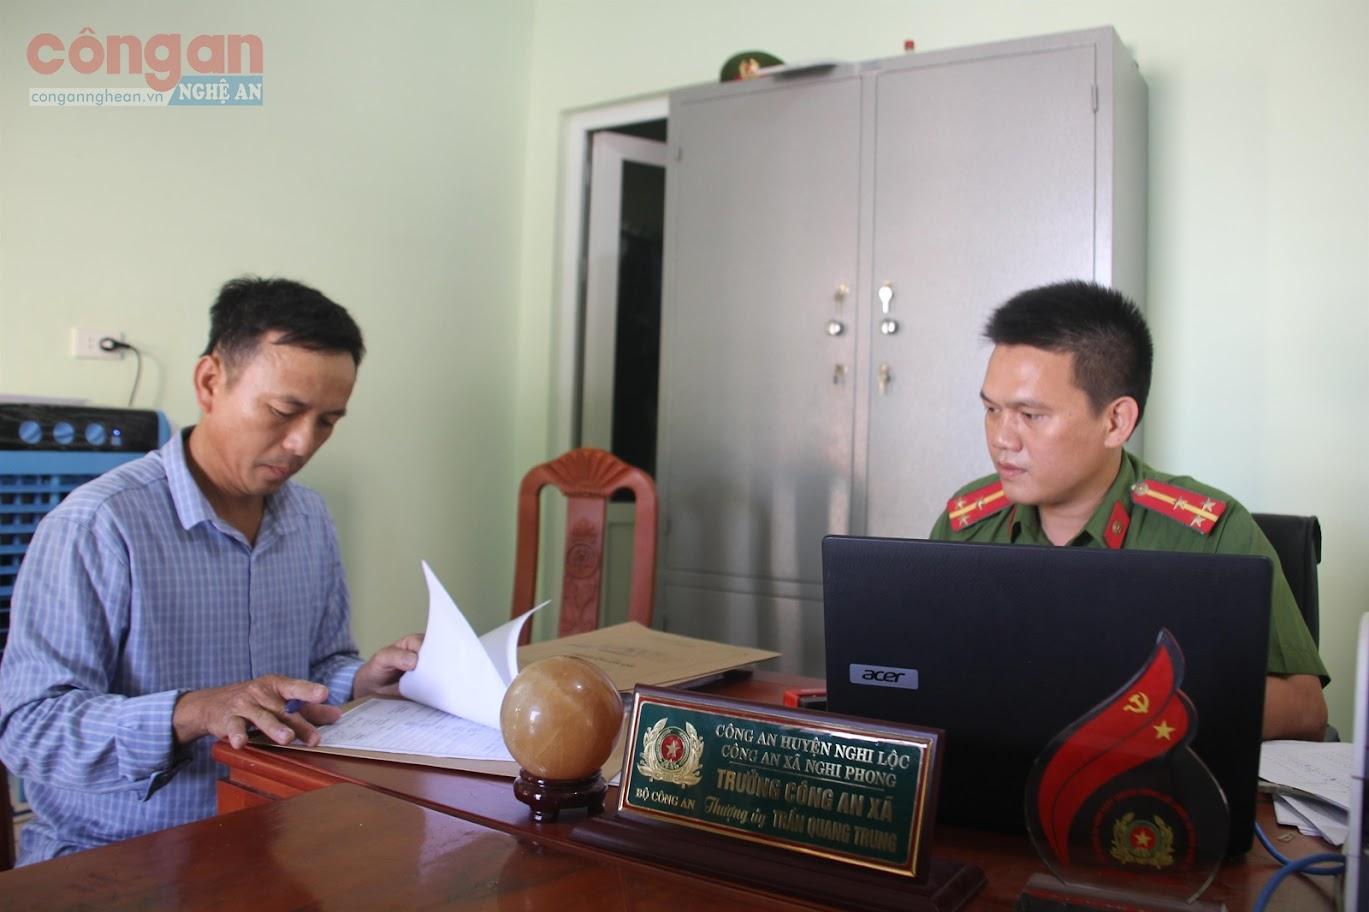 Trưởng Công an xã Nghi Phong tiếp nhận trình báo sự việc của người dân